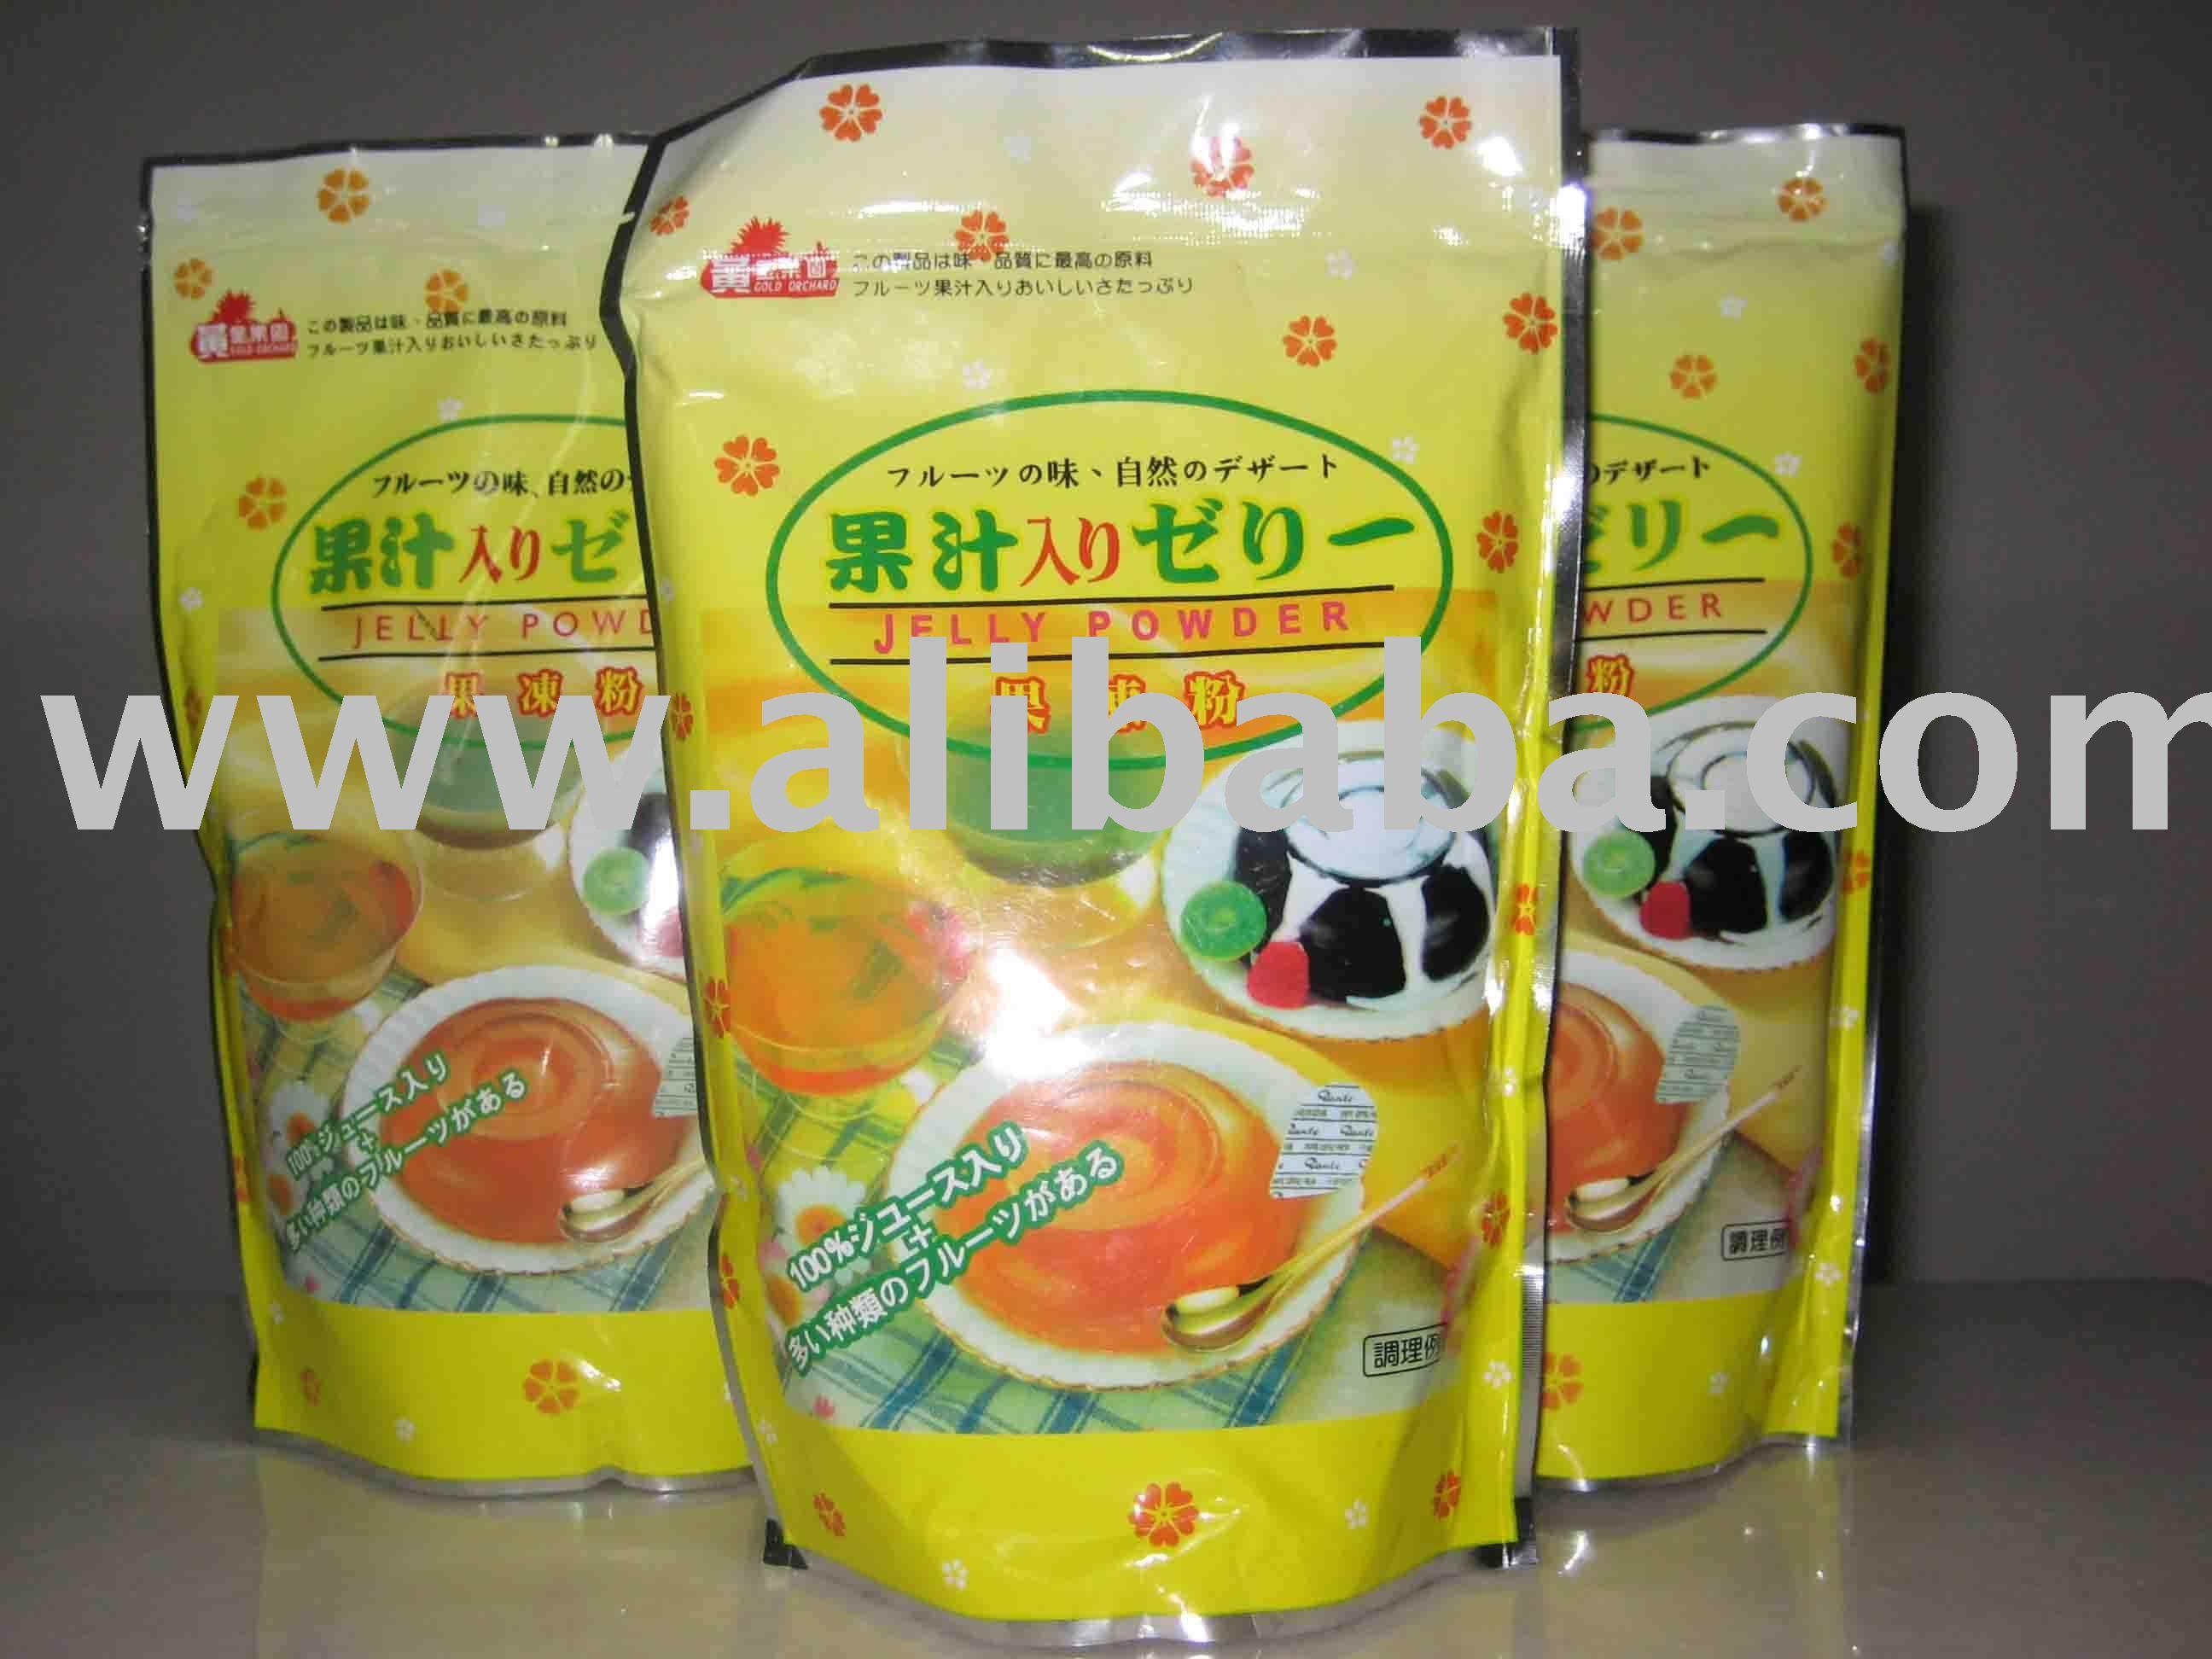 Fruit jelly powder